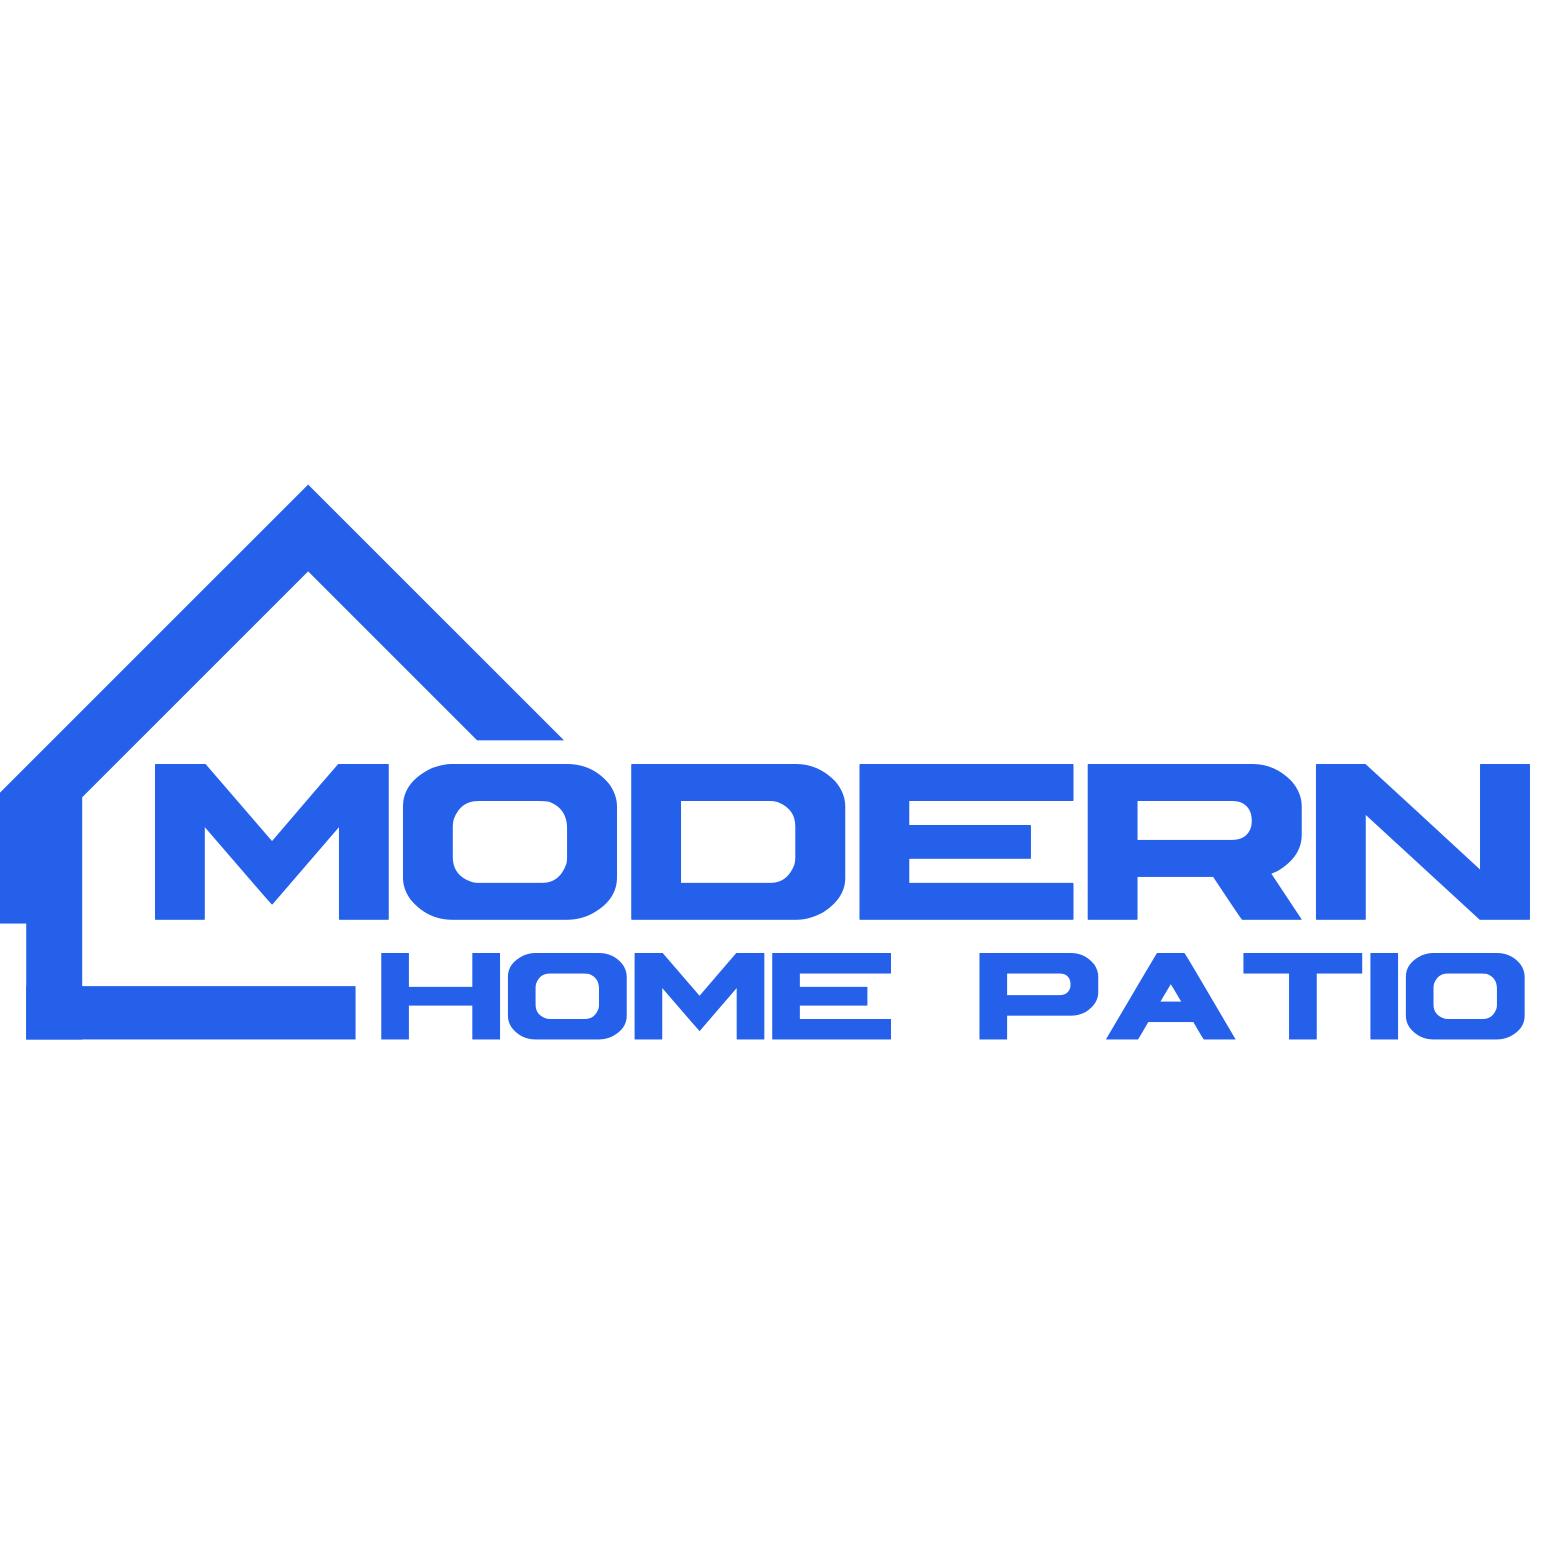 Modern Home Patio Company Dallas Texas Tx